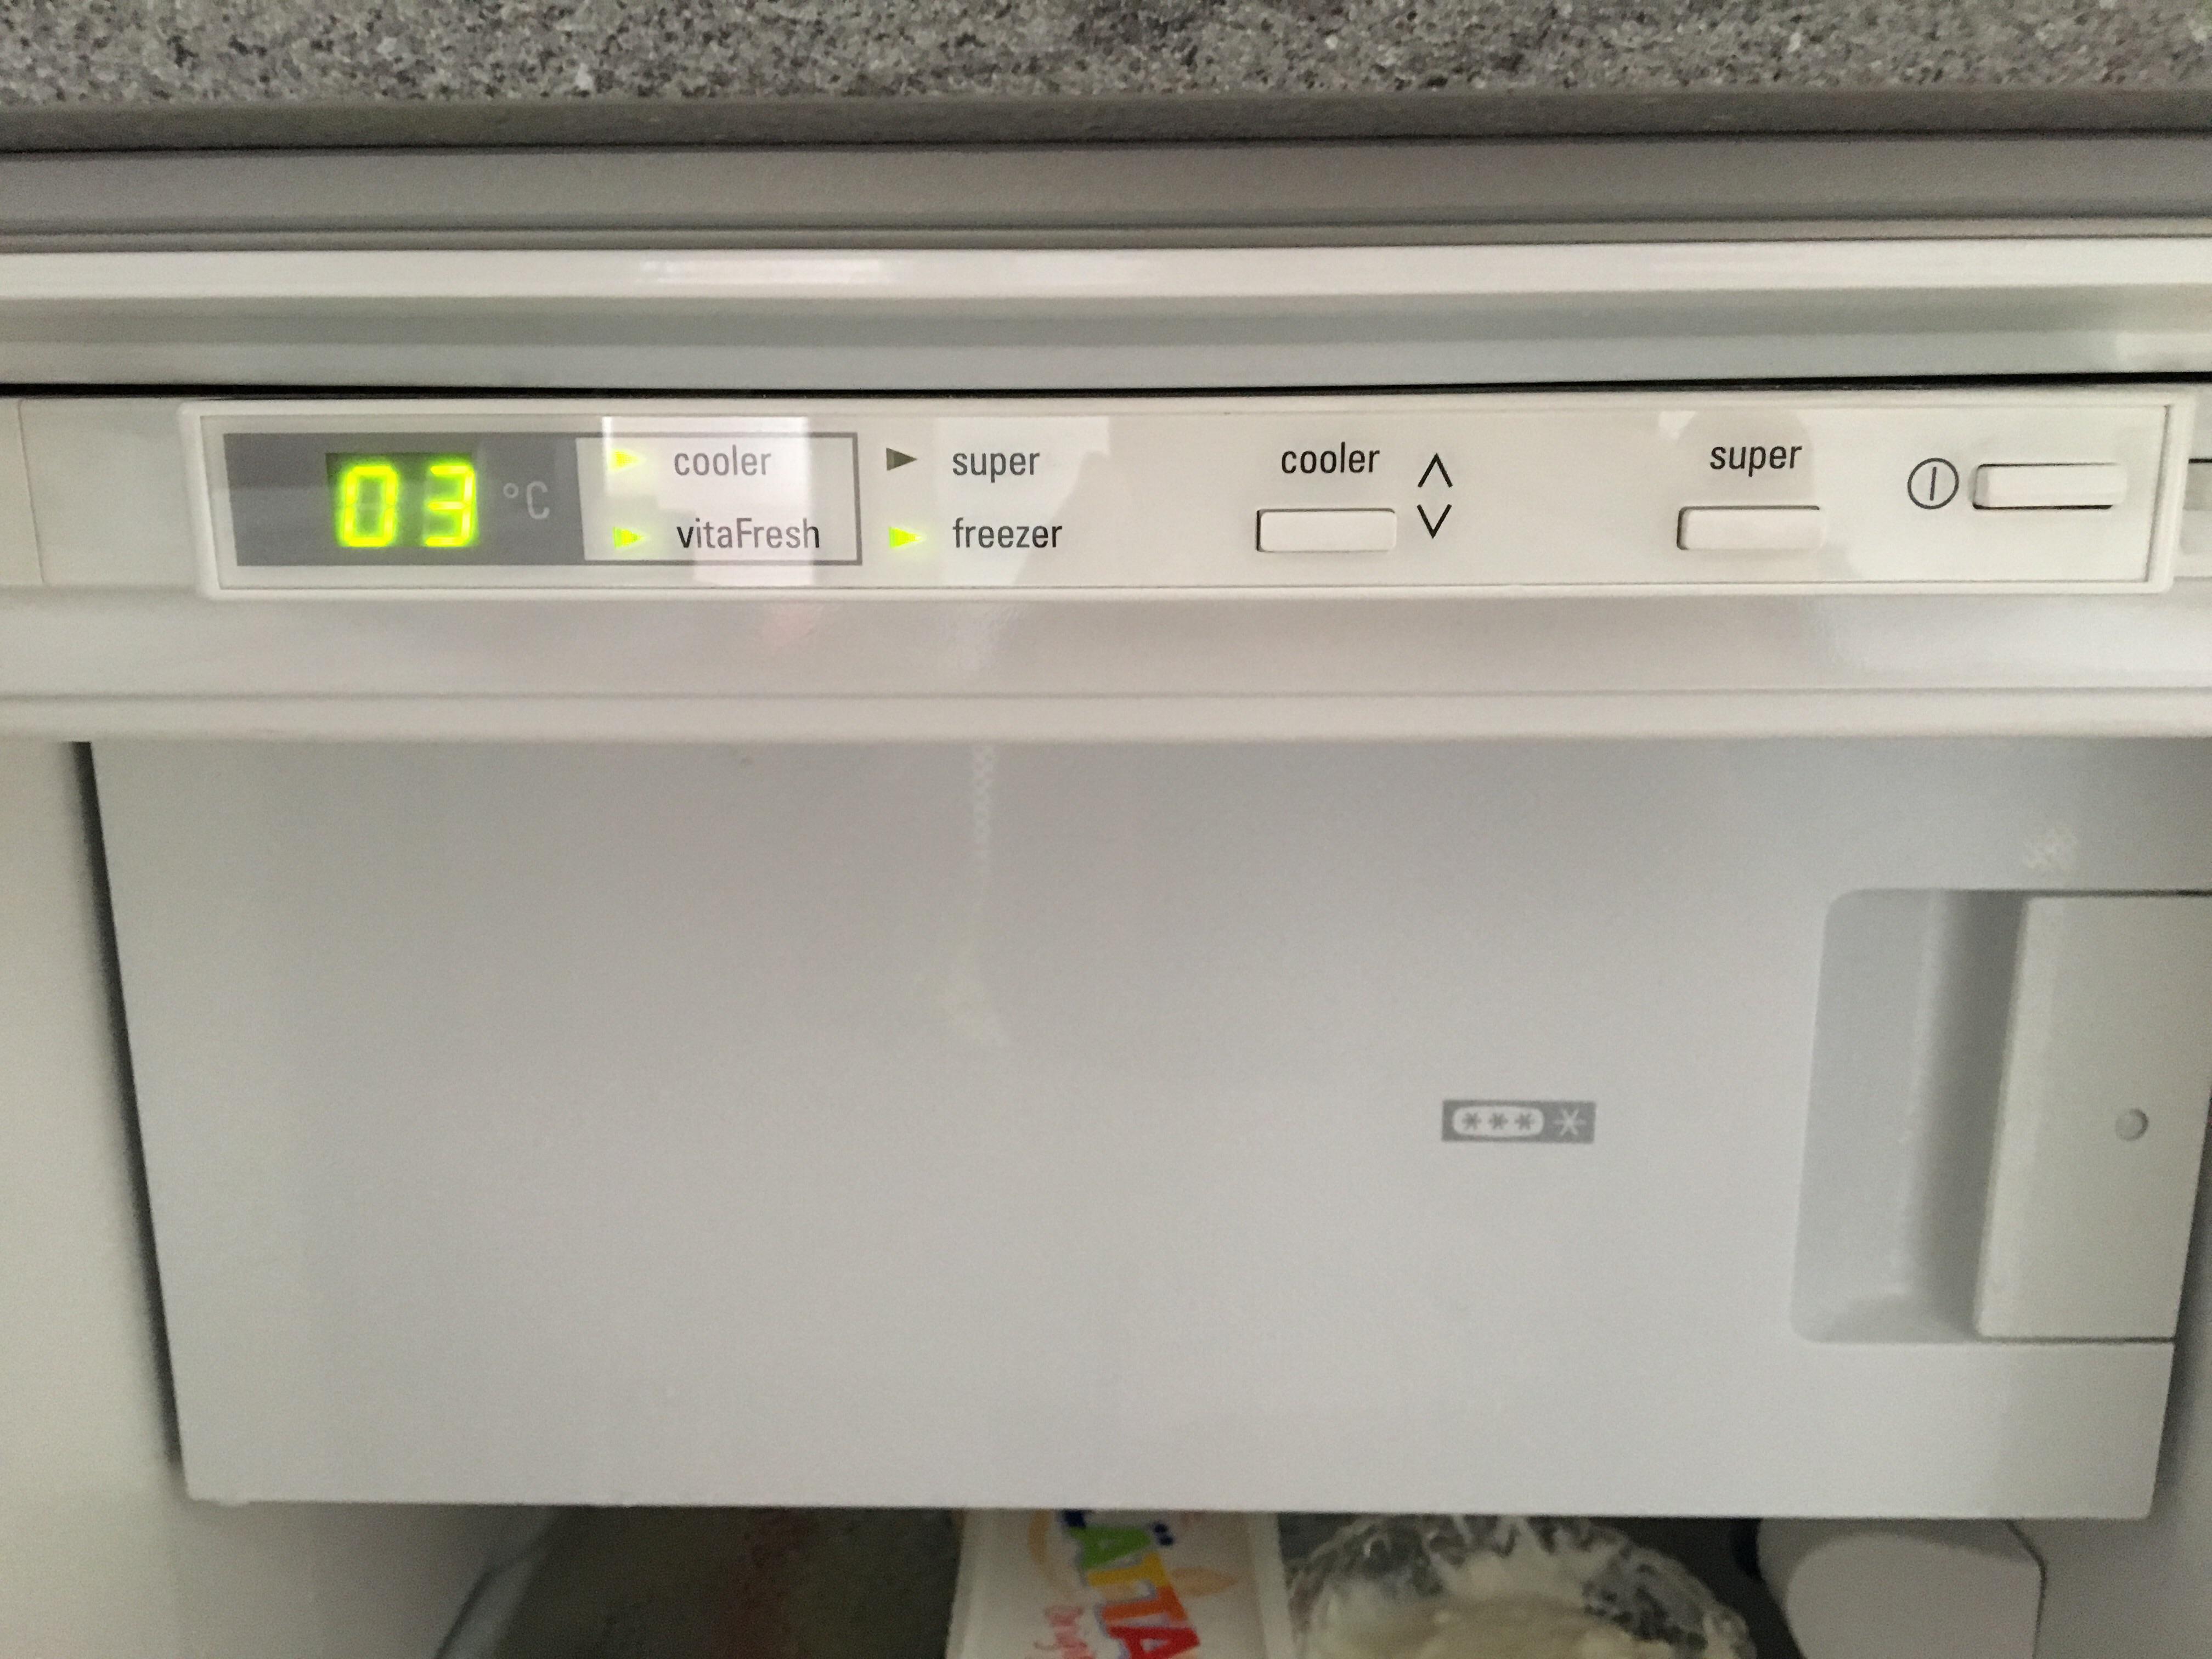 Kühlschrank sammelt Eis und Wasser ? (Technik, Haushalt, Waerme)